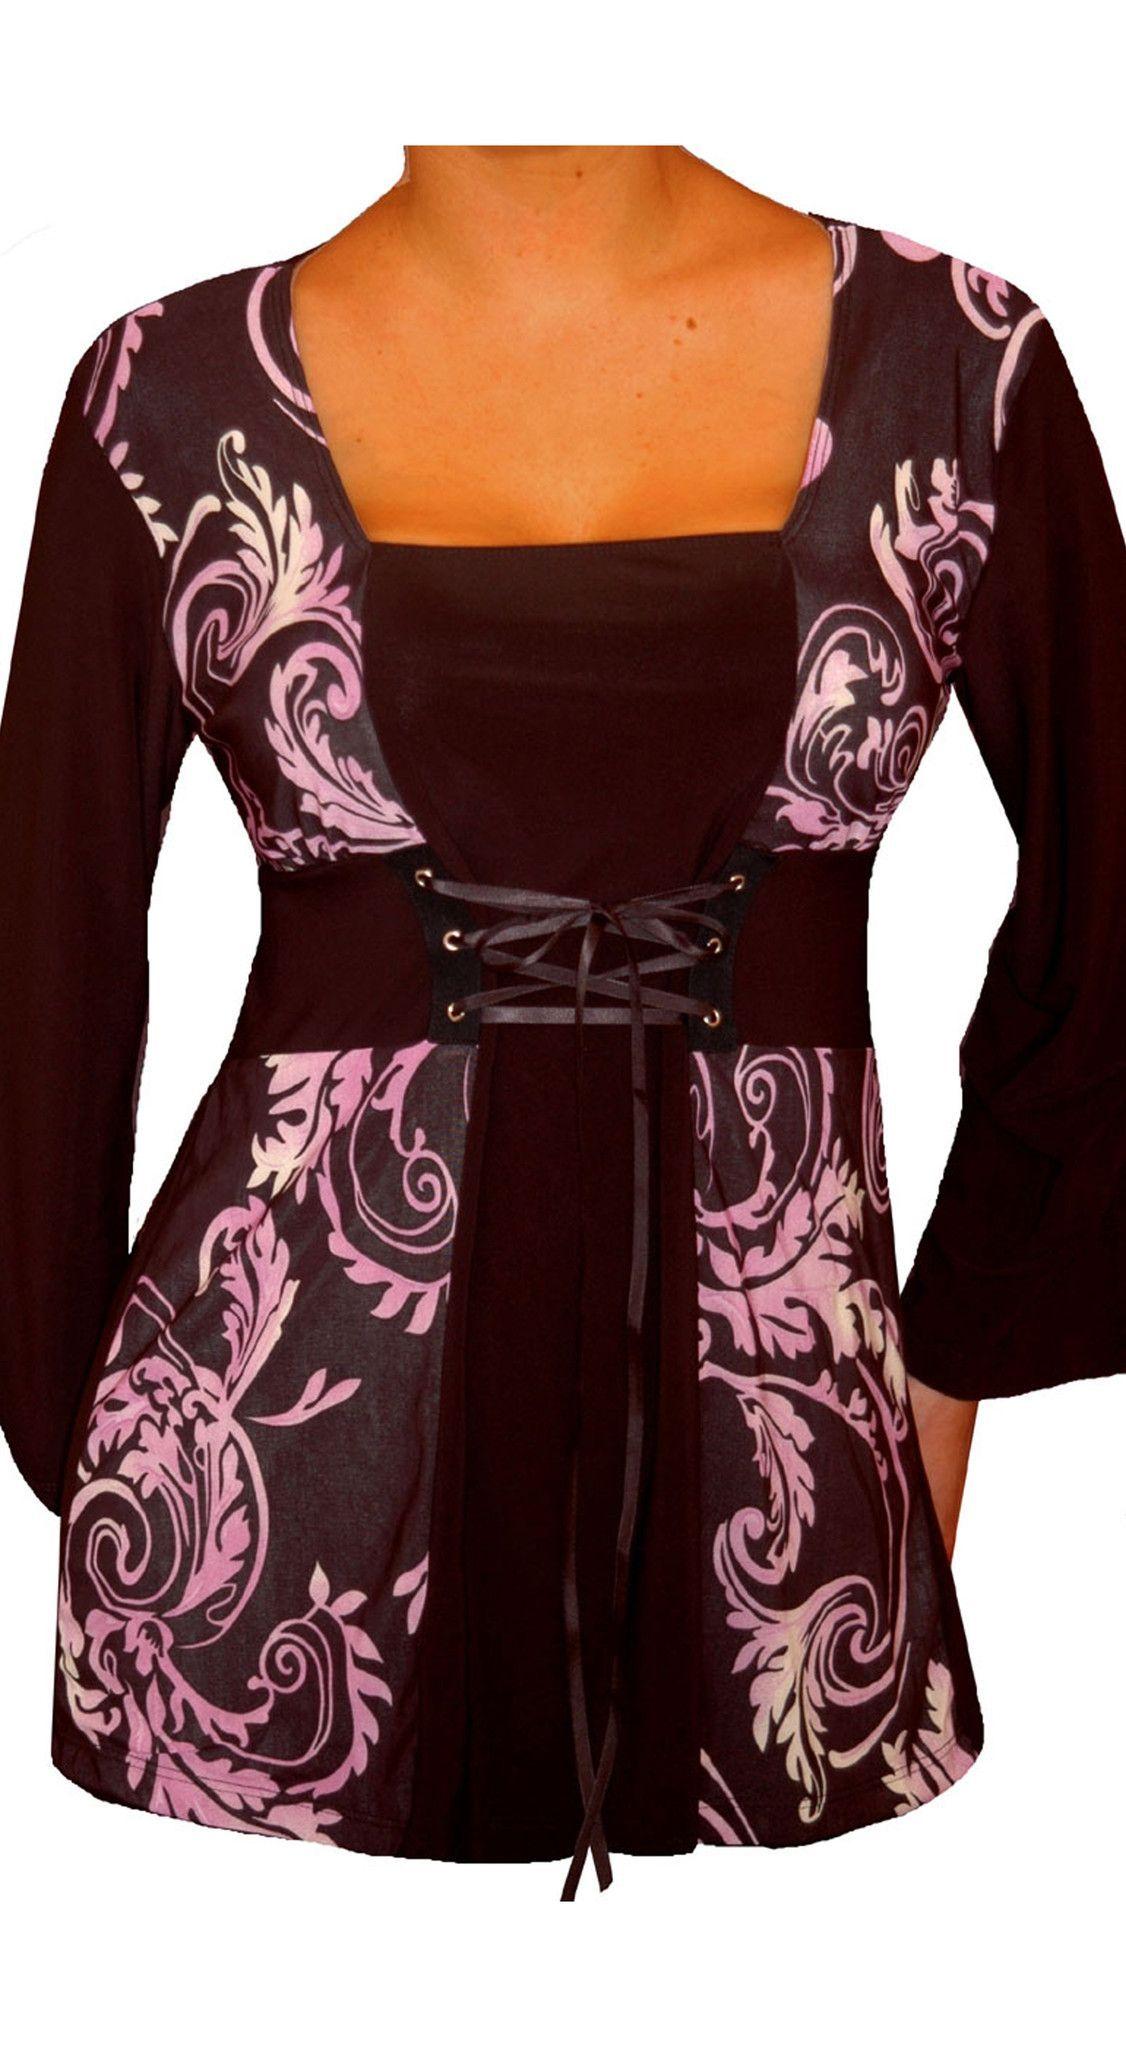 Funfash Plus Size Corset Style Black Purple Women's Plus Size Blouse Top Shirt